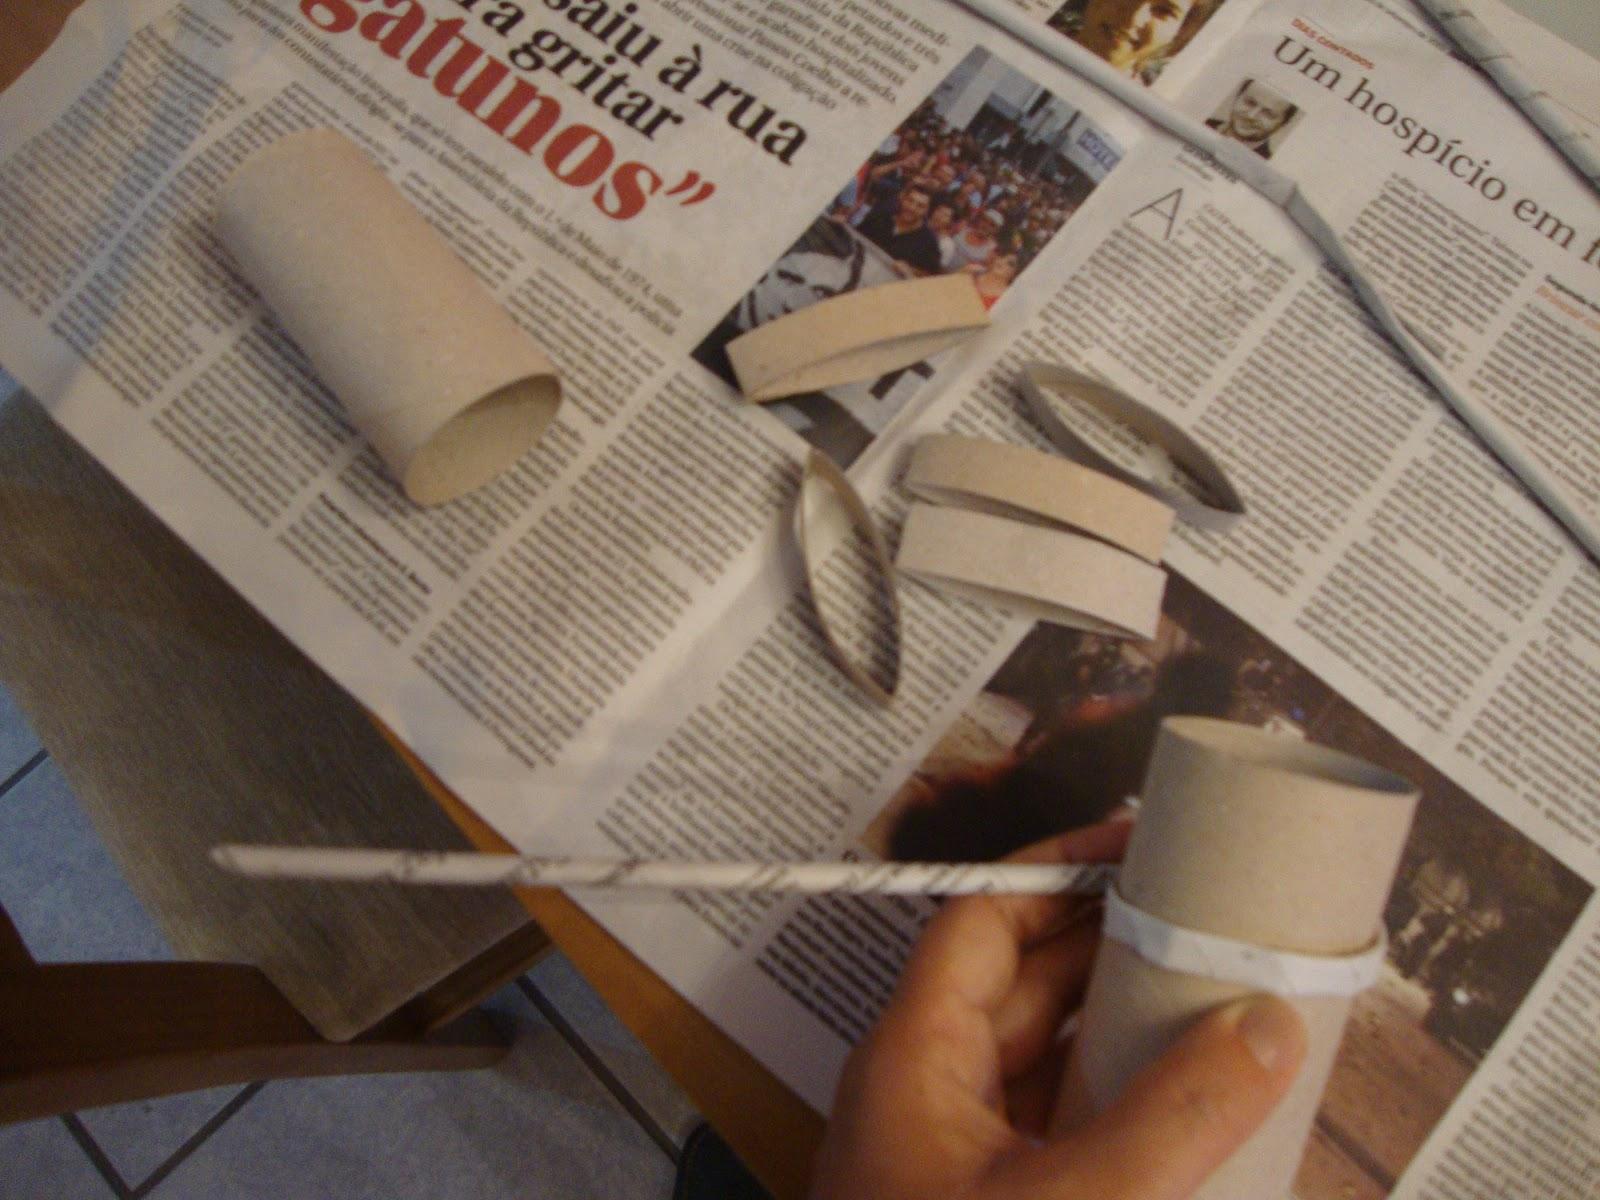 Artesanato Baiano ~ reciclar com a simone alcantara Artesanato com jornal e papel u00e3o Mandala feita com materiais